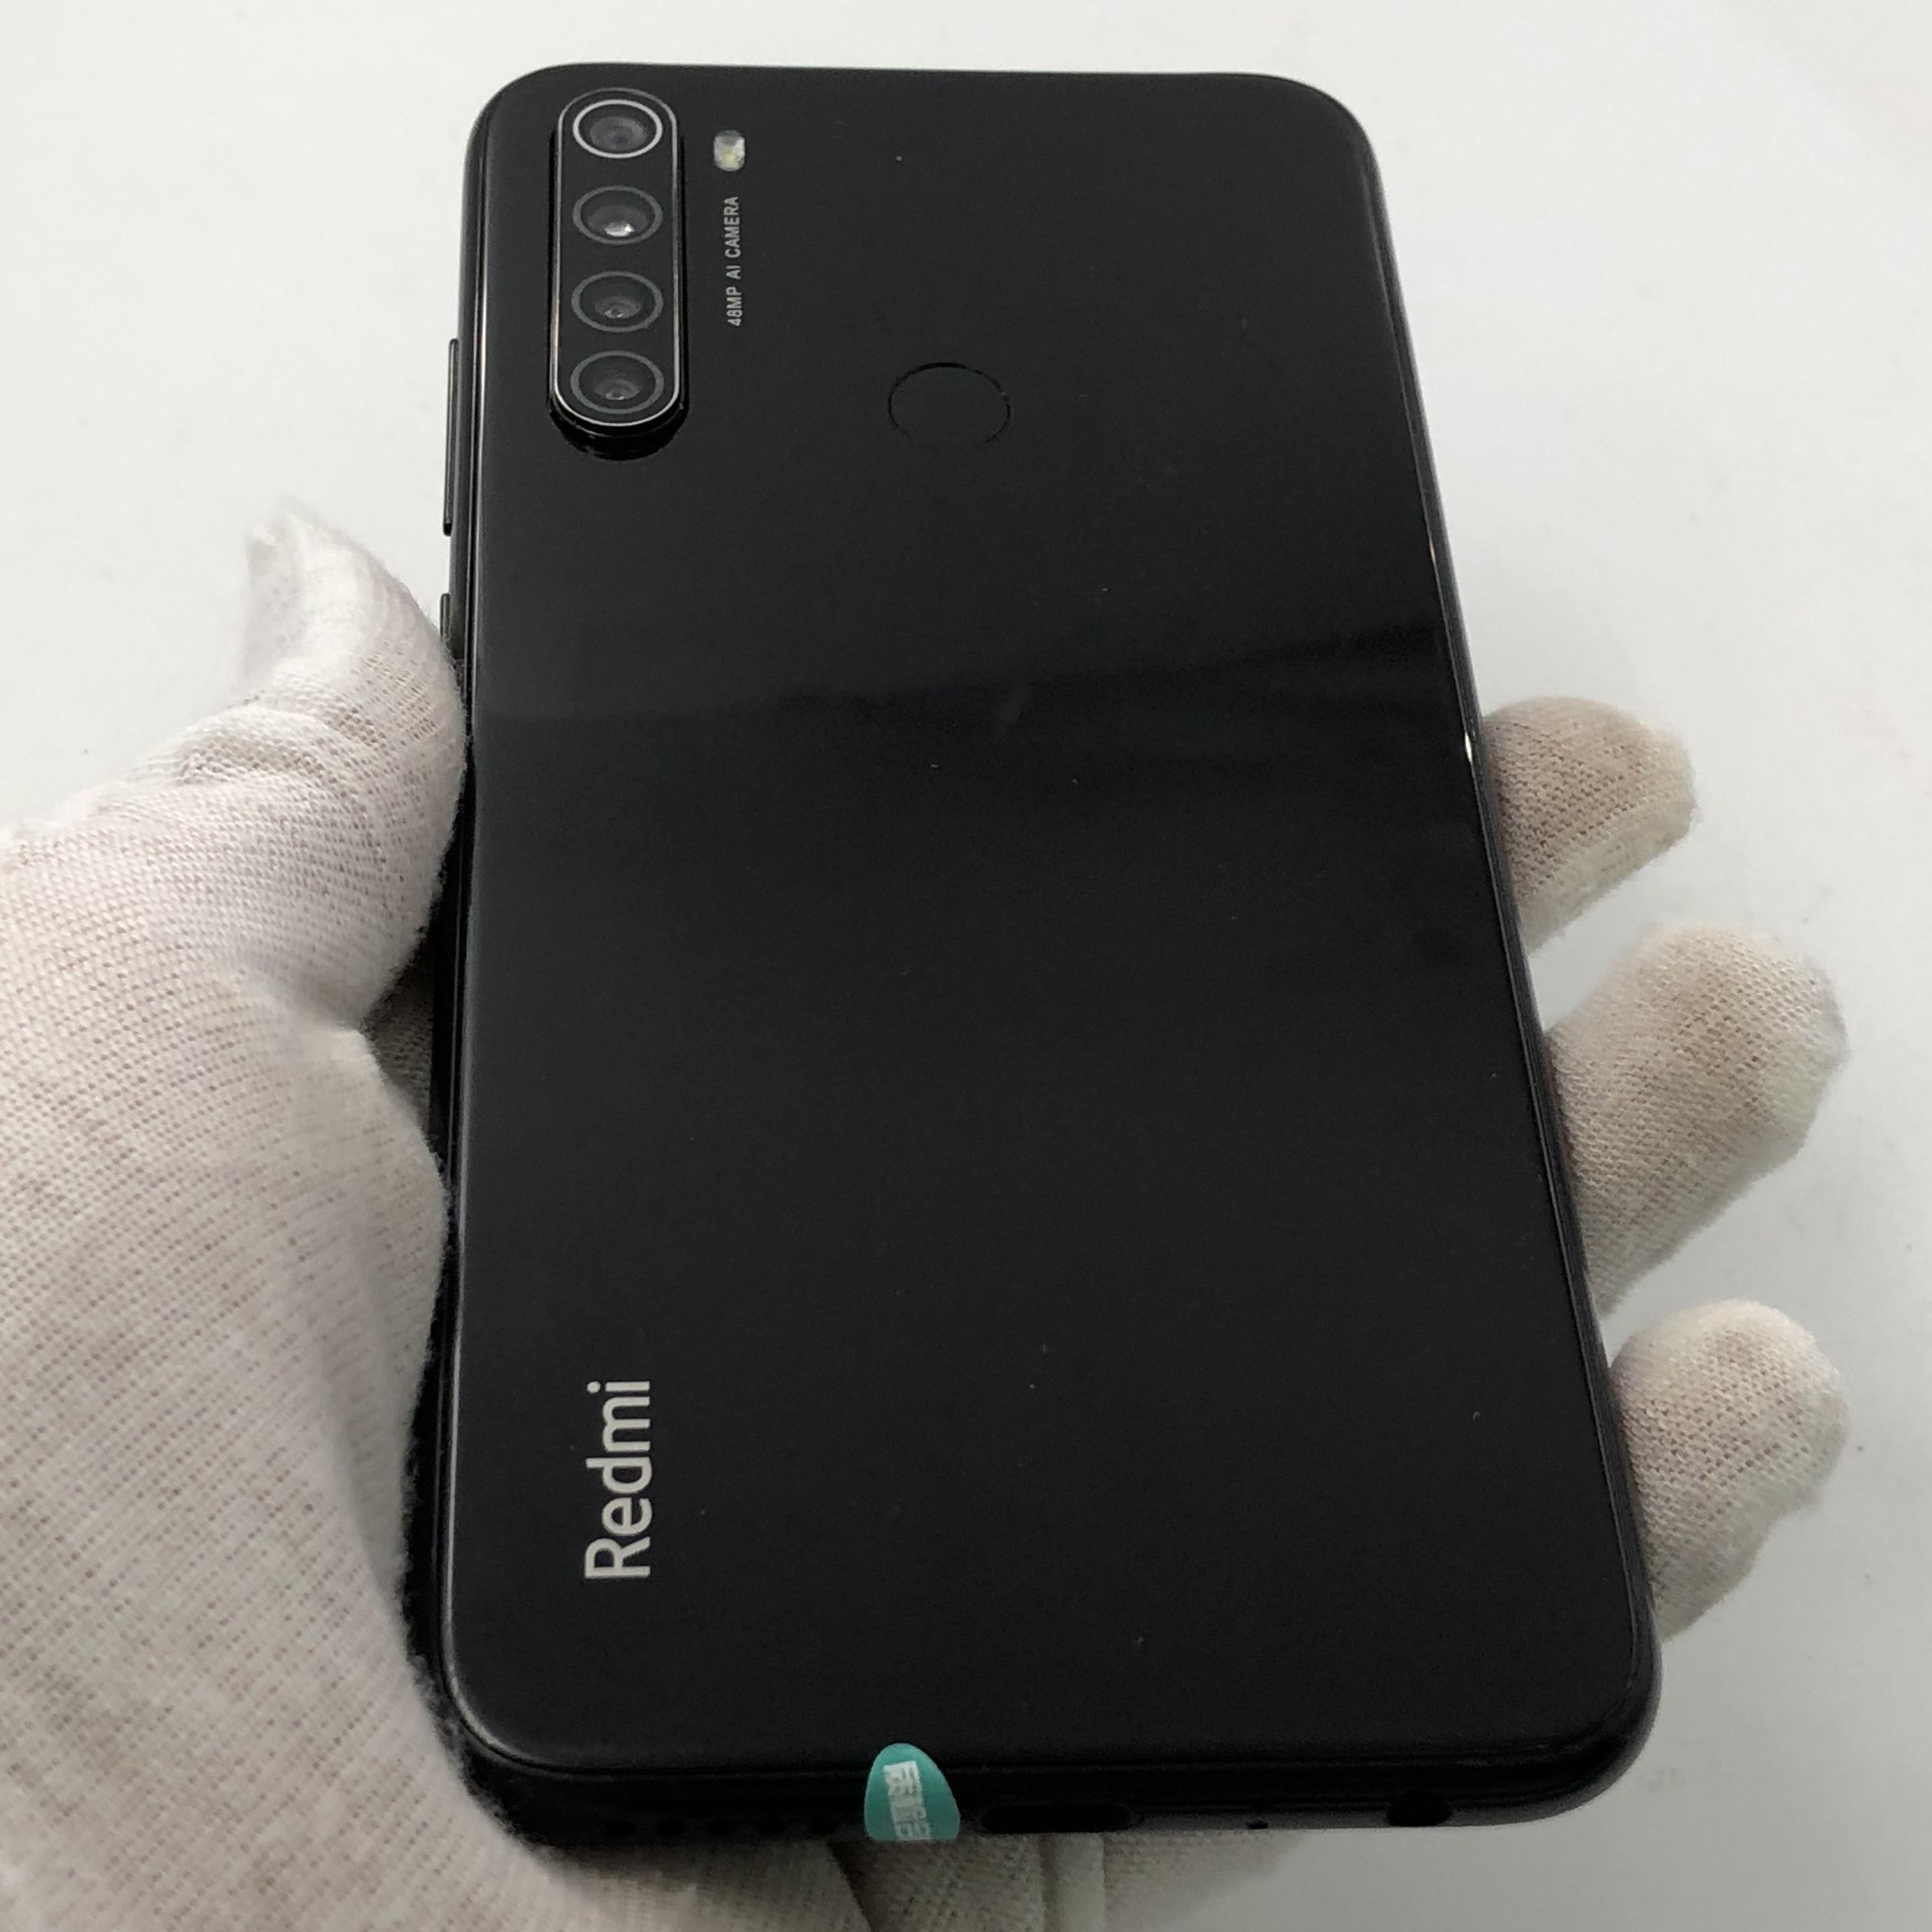 小米【Redmi Note 8】全网通 黑色 6G/64G 国行 8成新